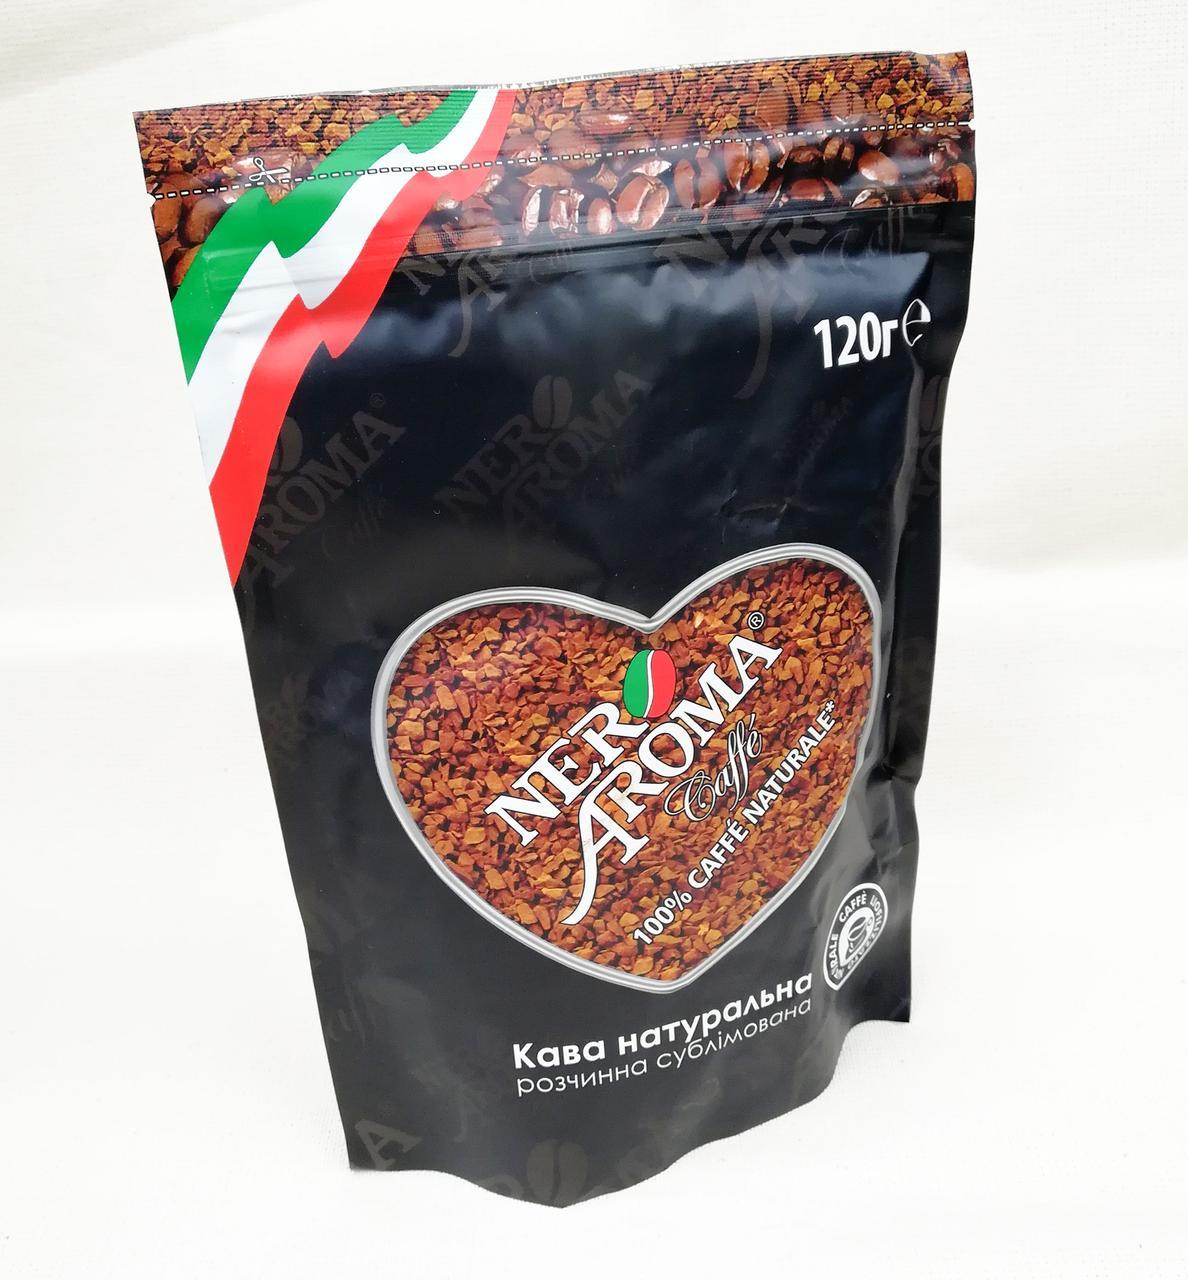 Nero Aroma Classico 120 gram